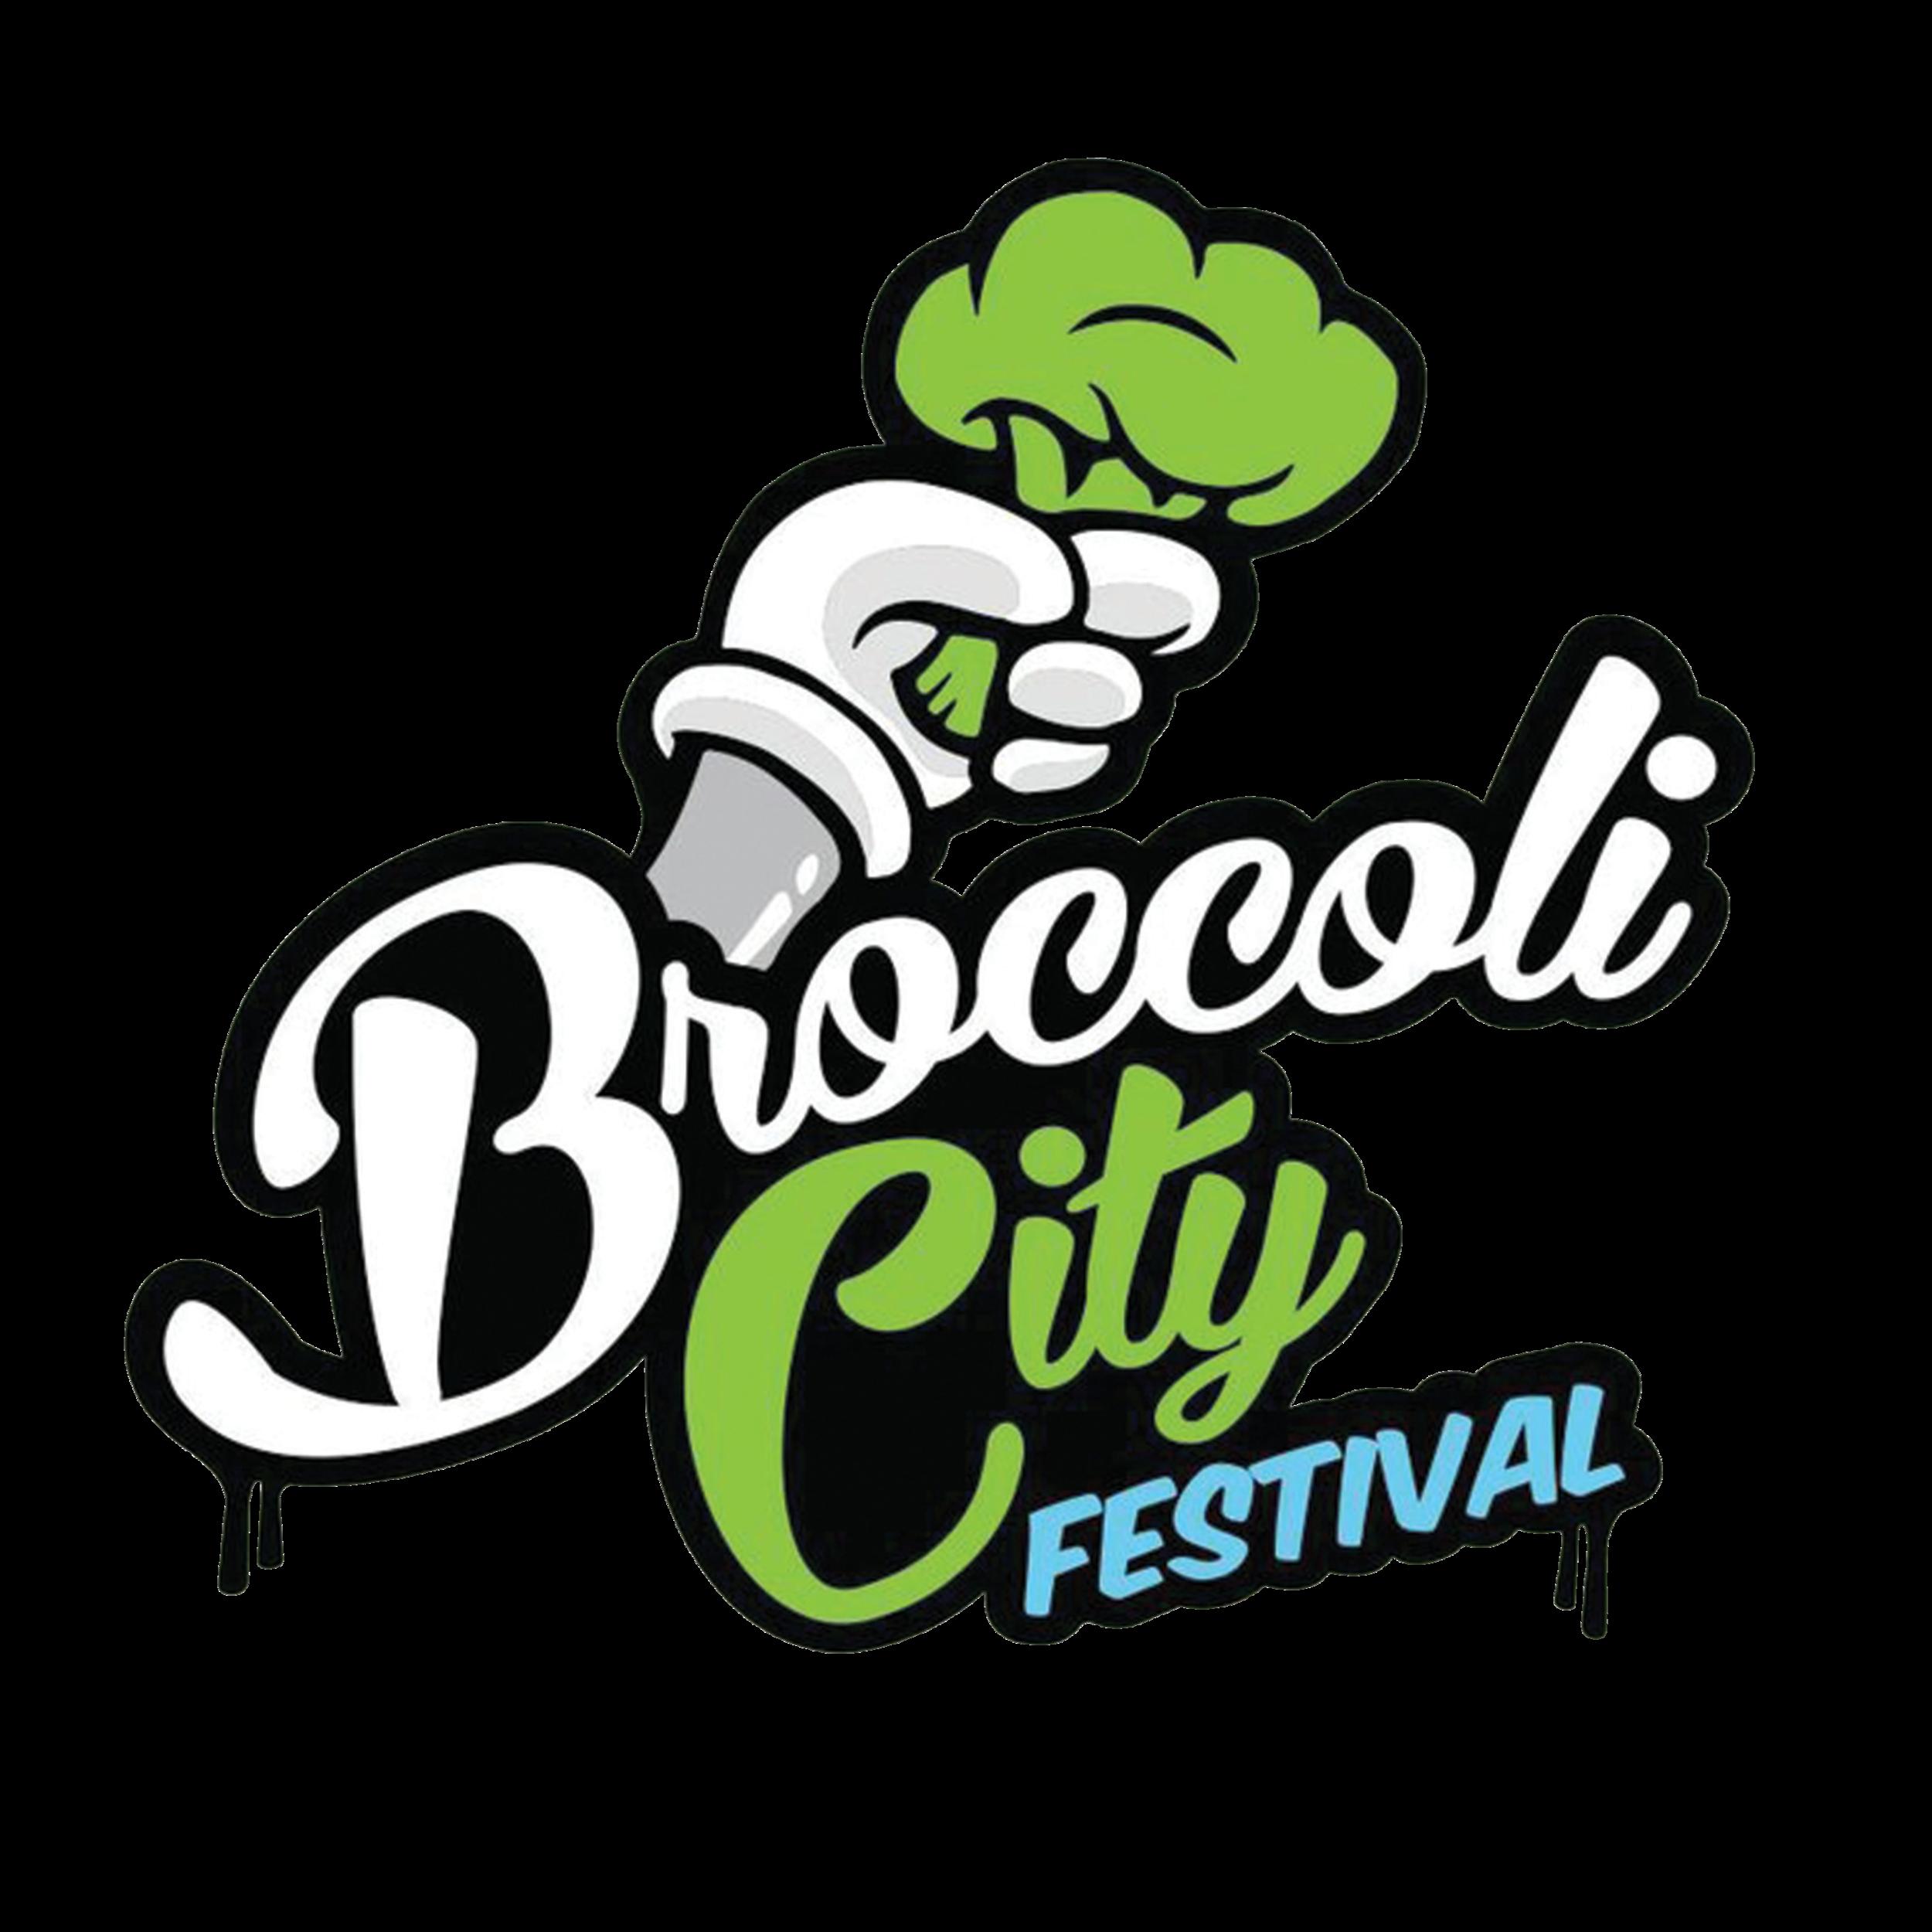 bc-FEST-logo.png